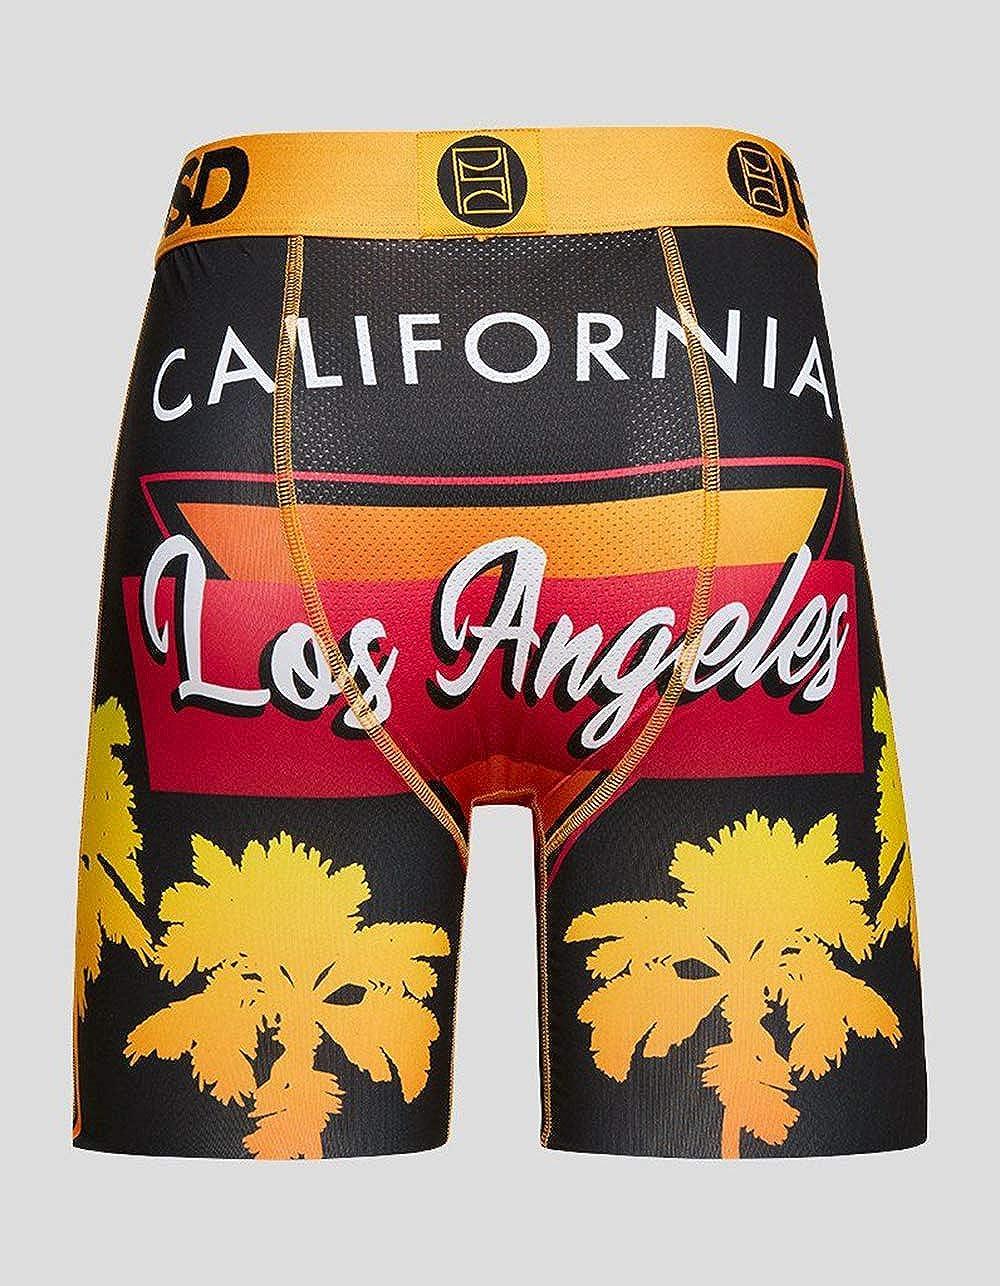 Men's Brief Underwear Bottom (Orange/Los Angeles Palm